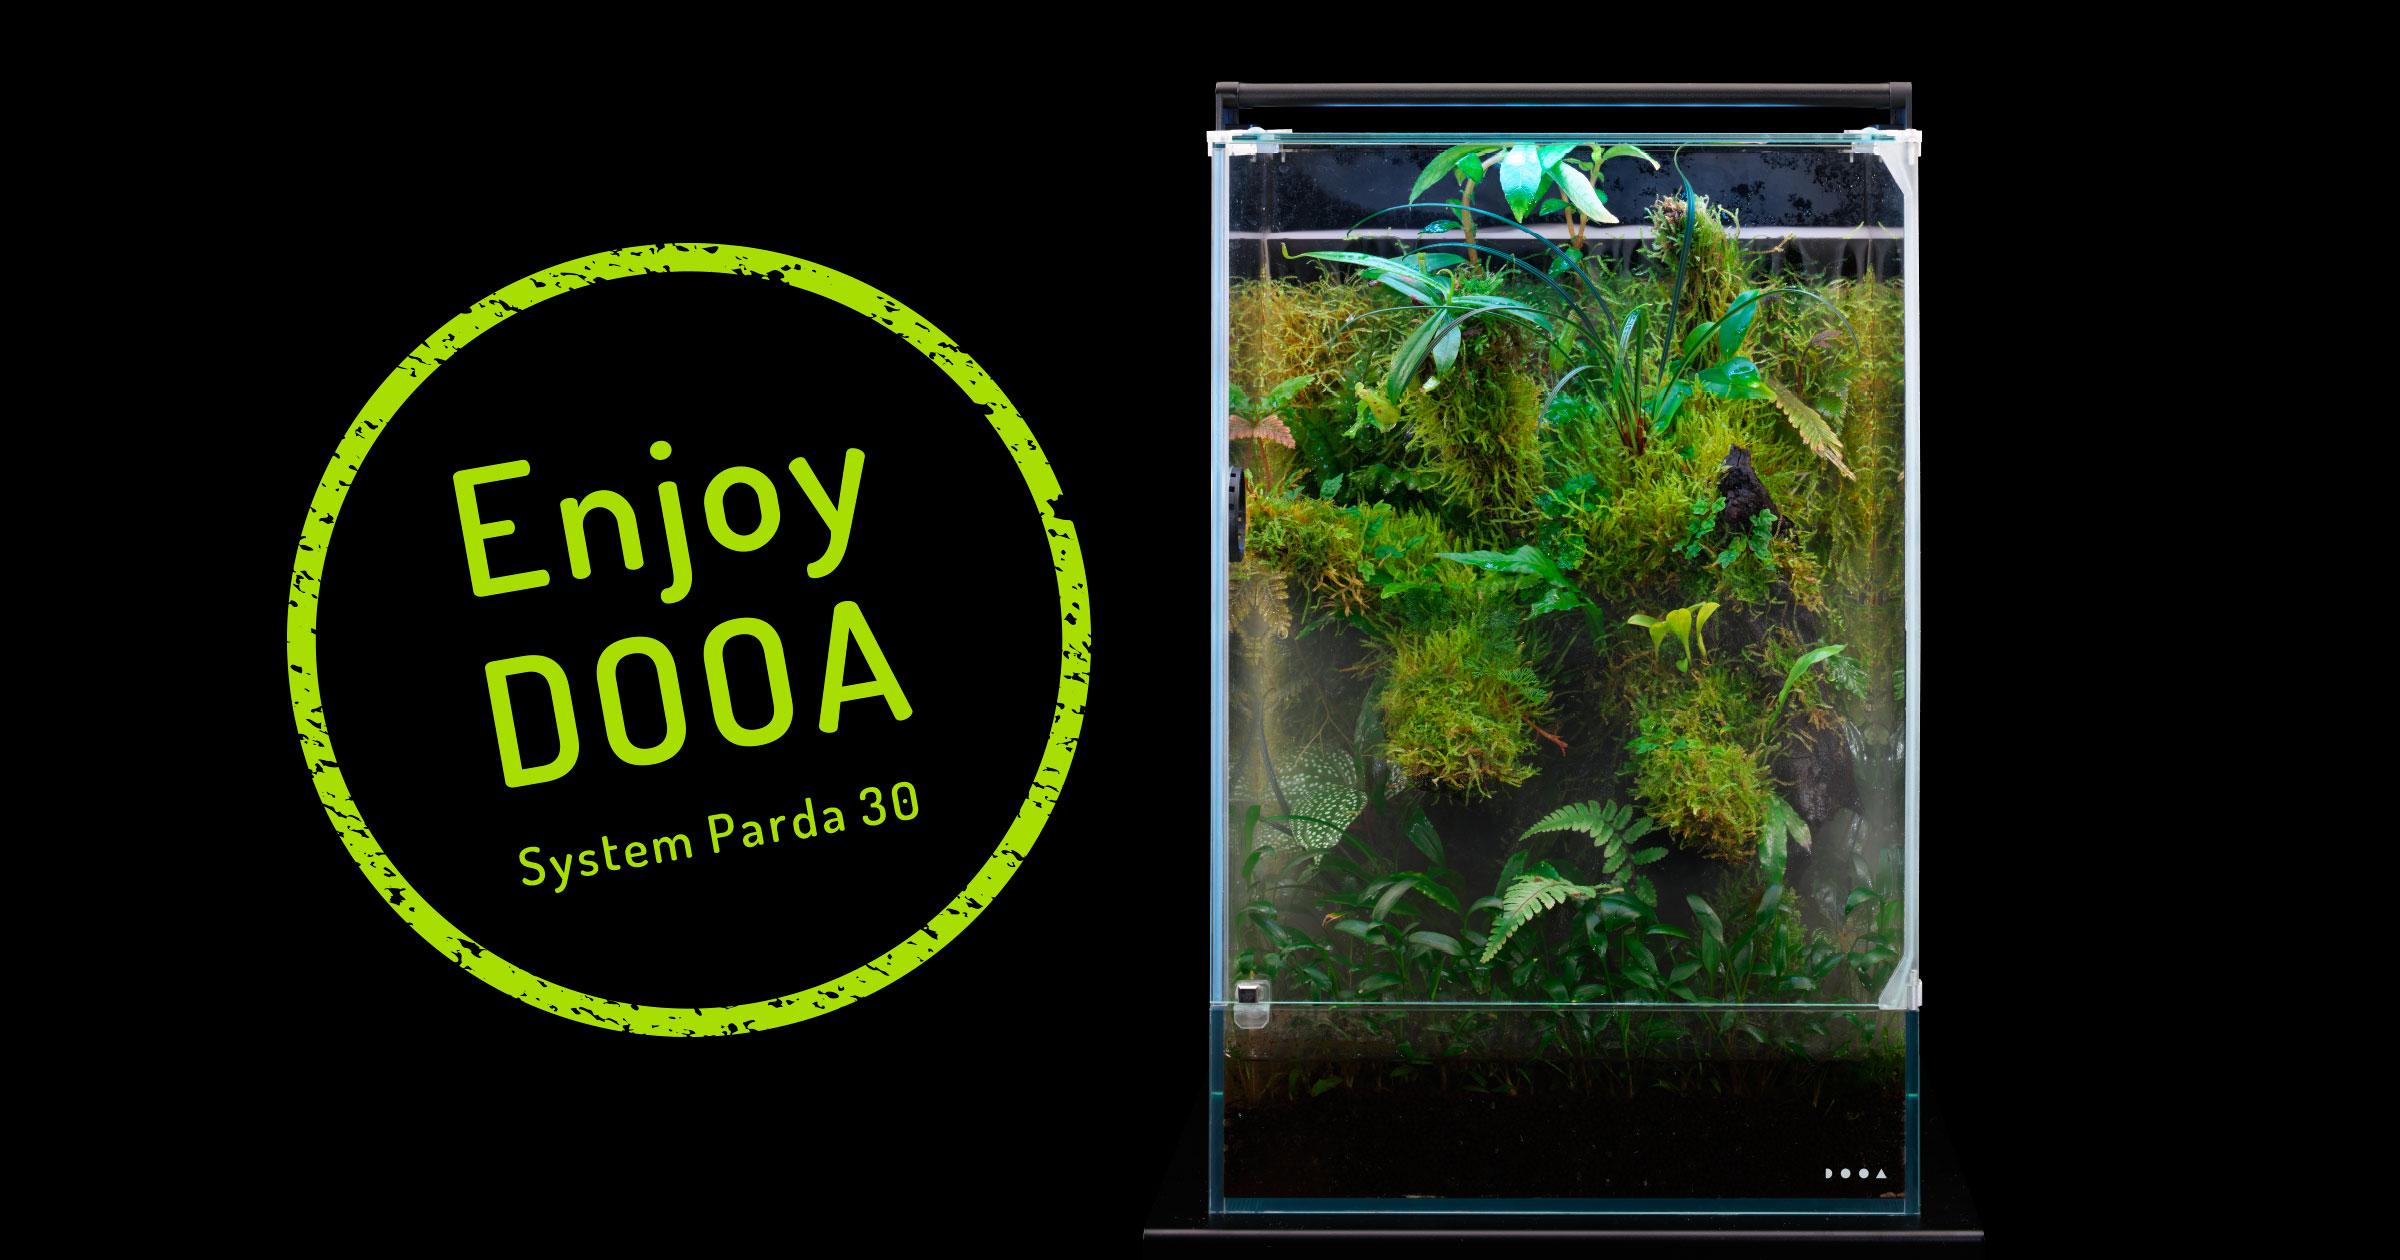 Enjoy DOOA 「システムパルダ30」